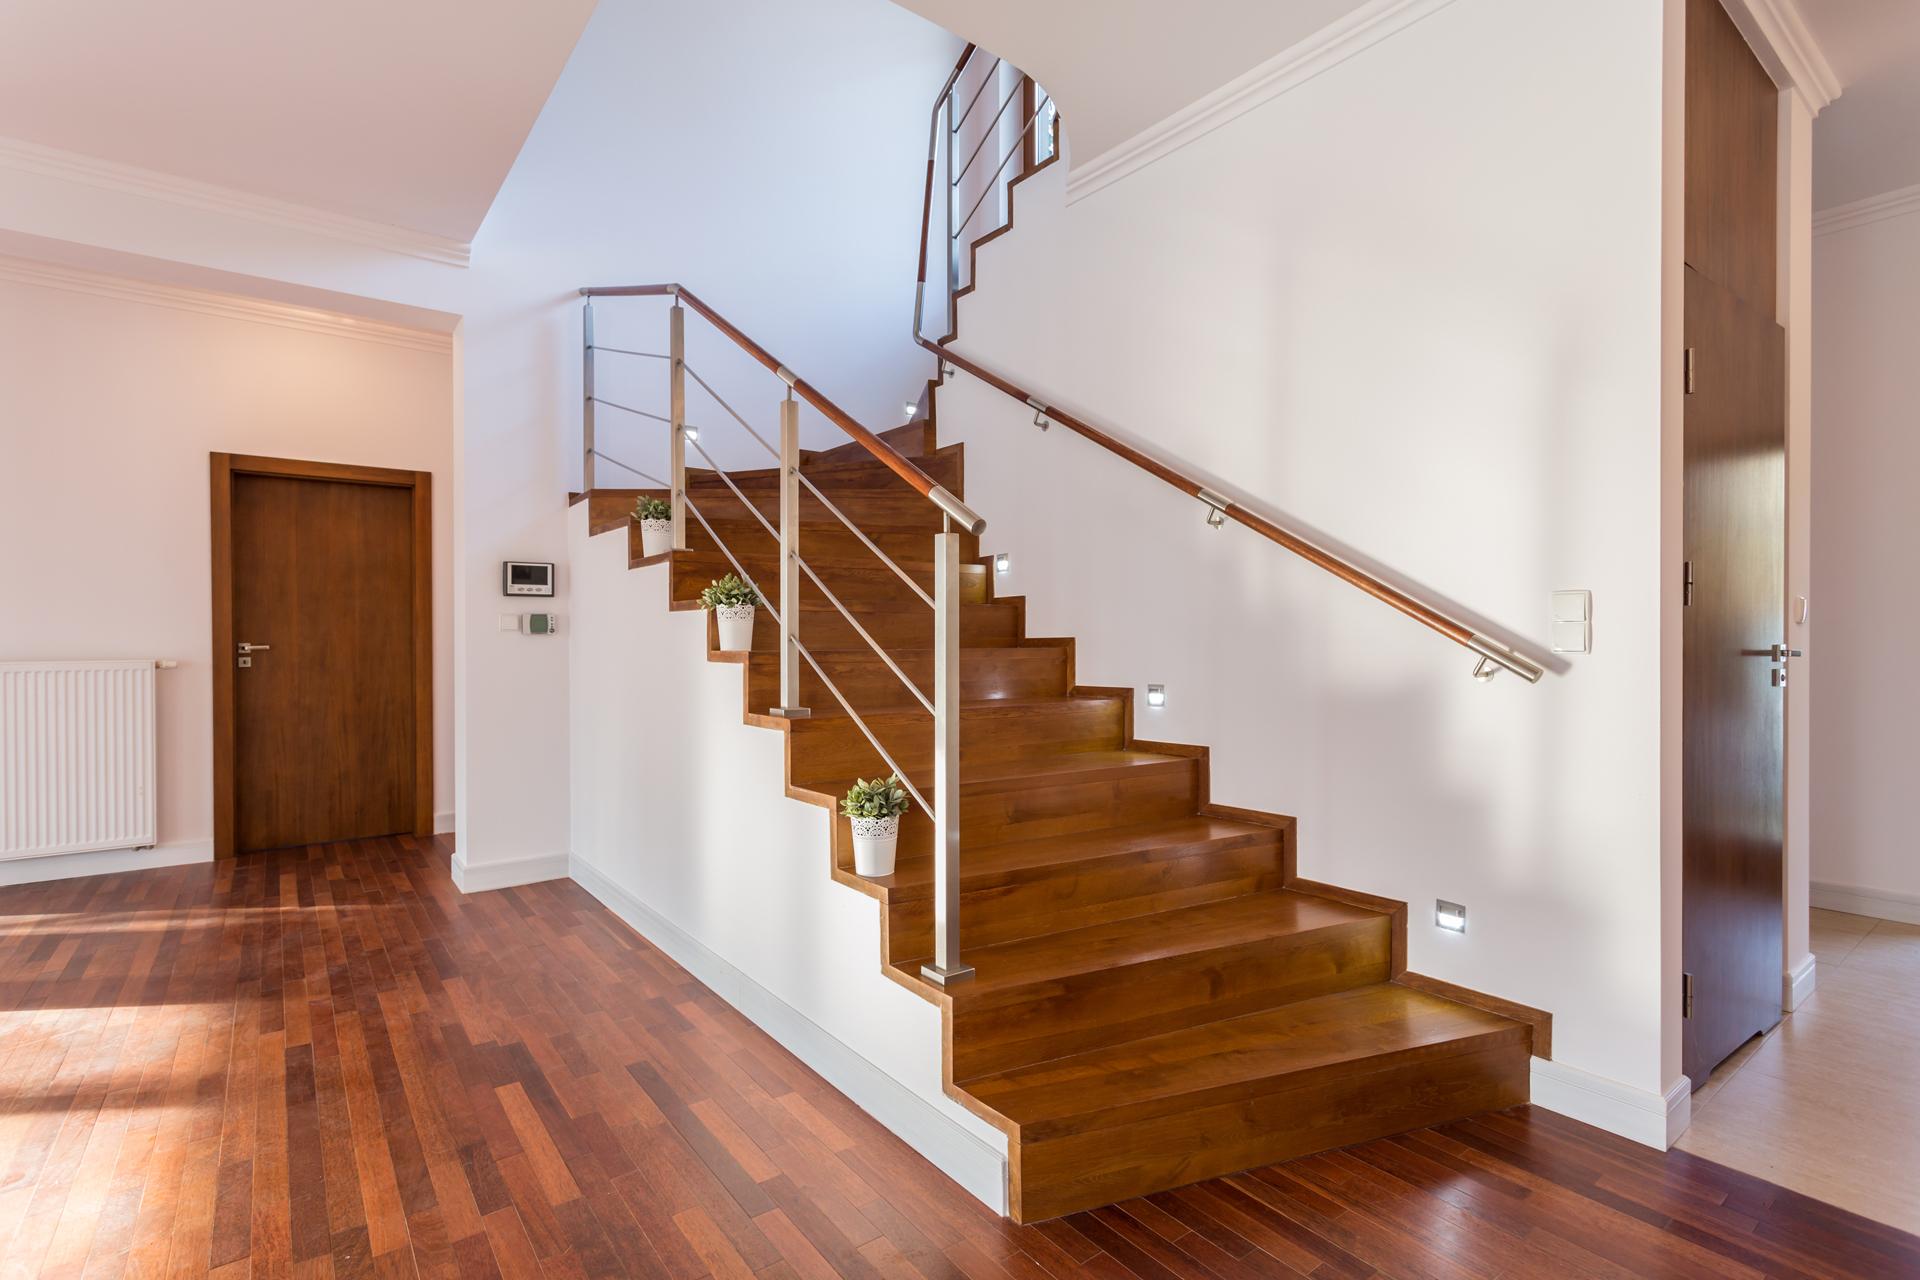 Astuces de nettoyage pour entretenir un escalier en bois